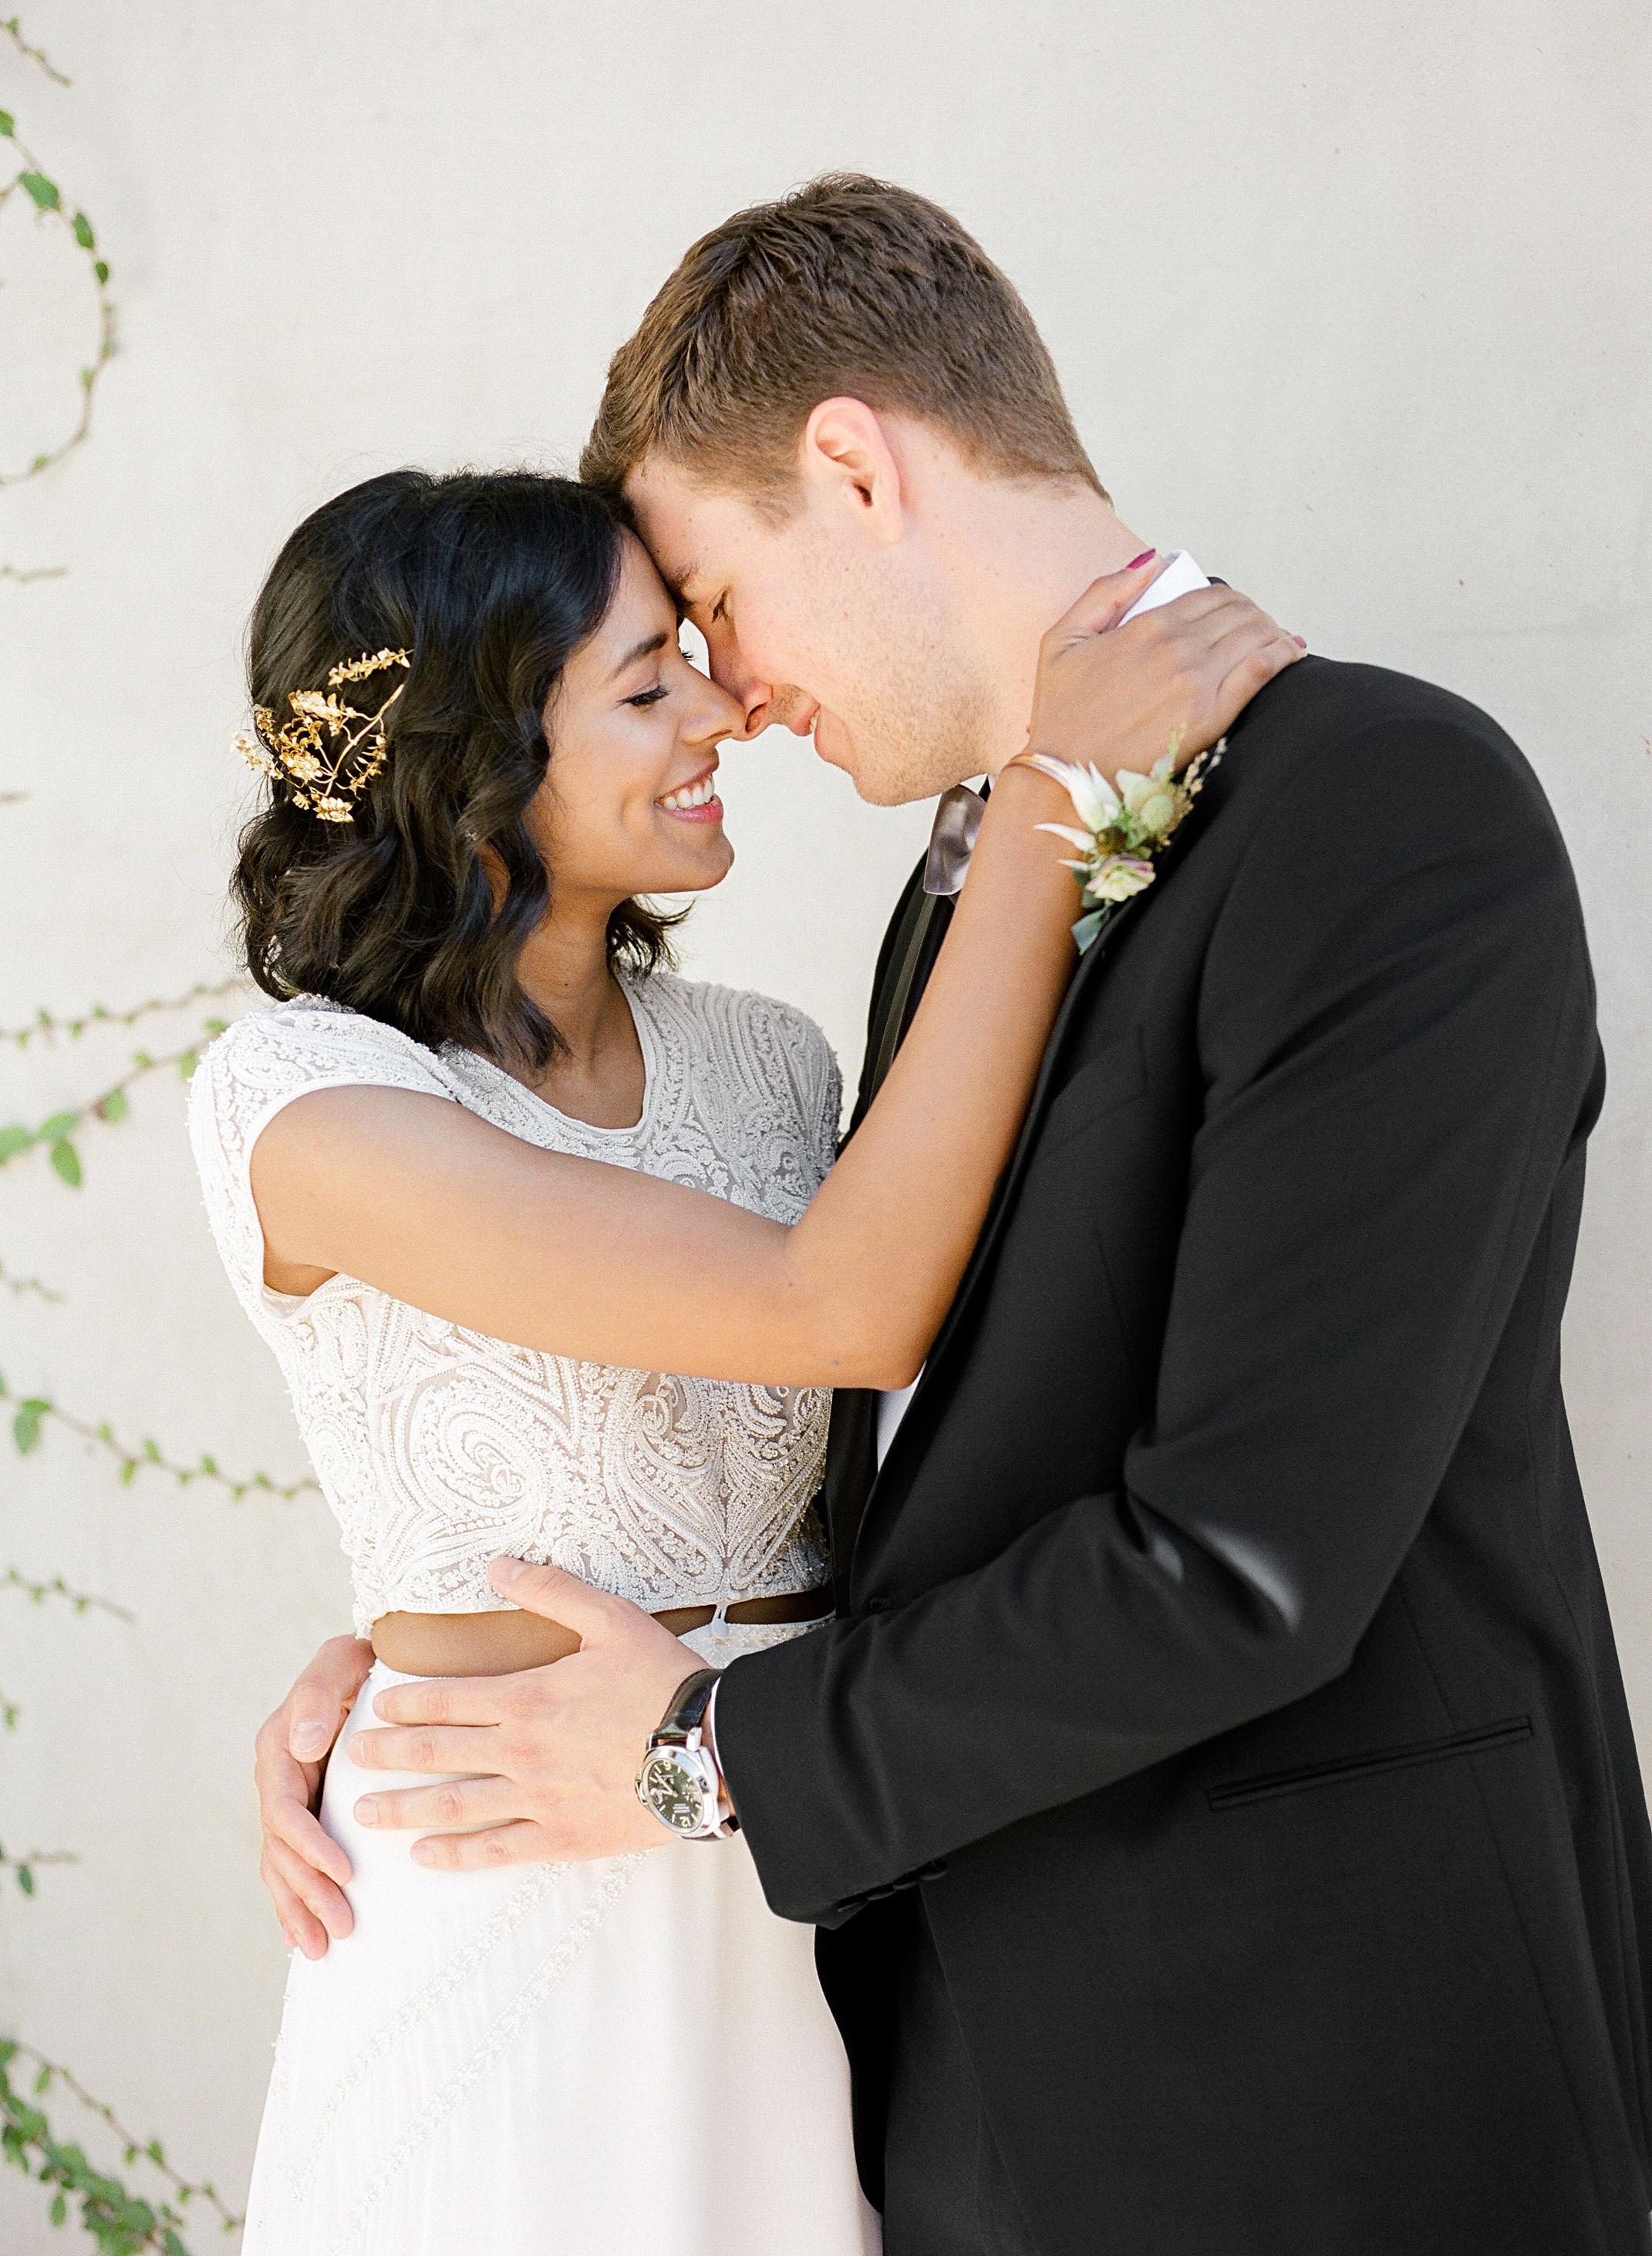 natasha nick wedding california couple embrace